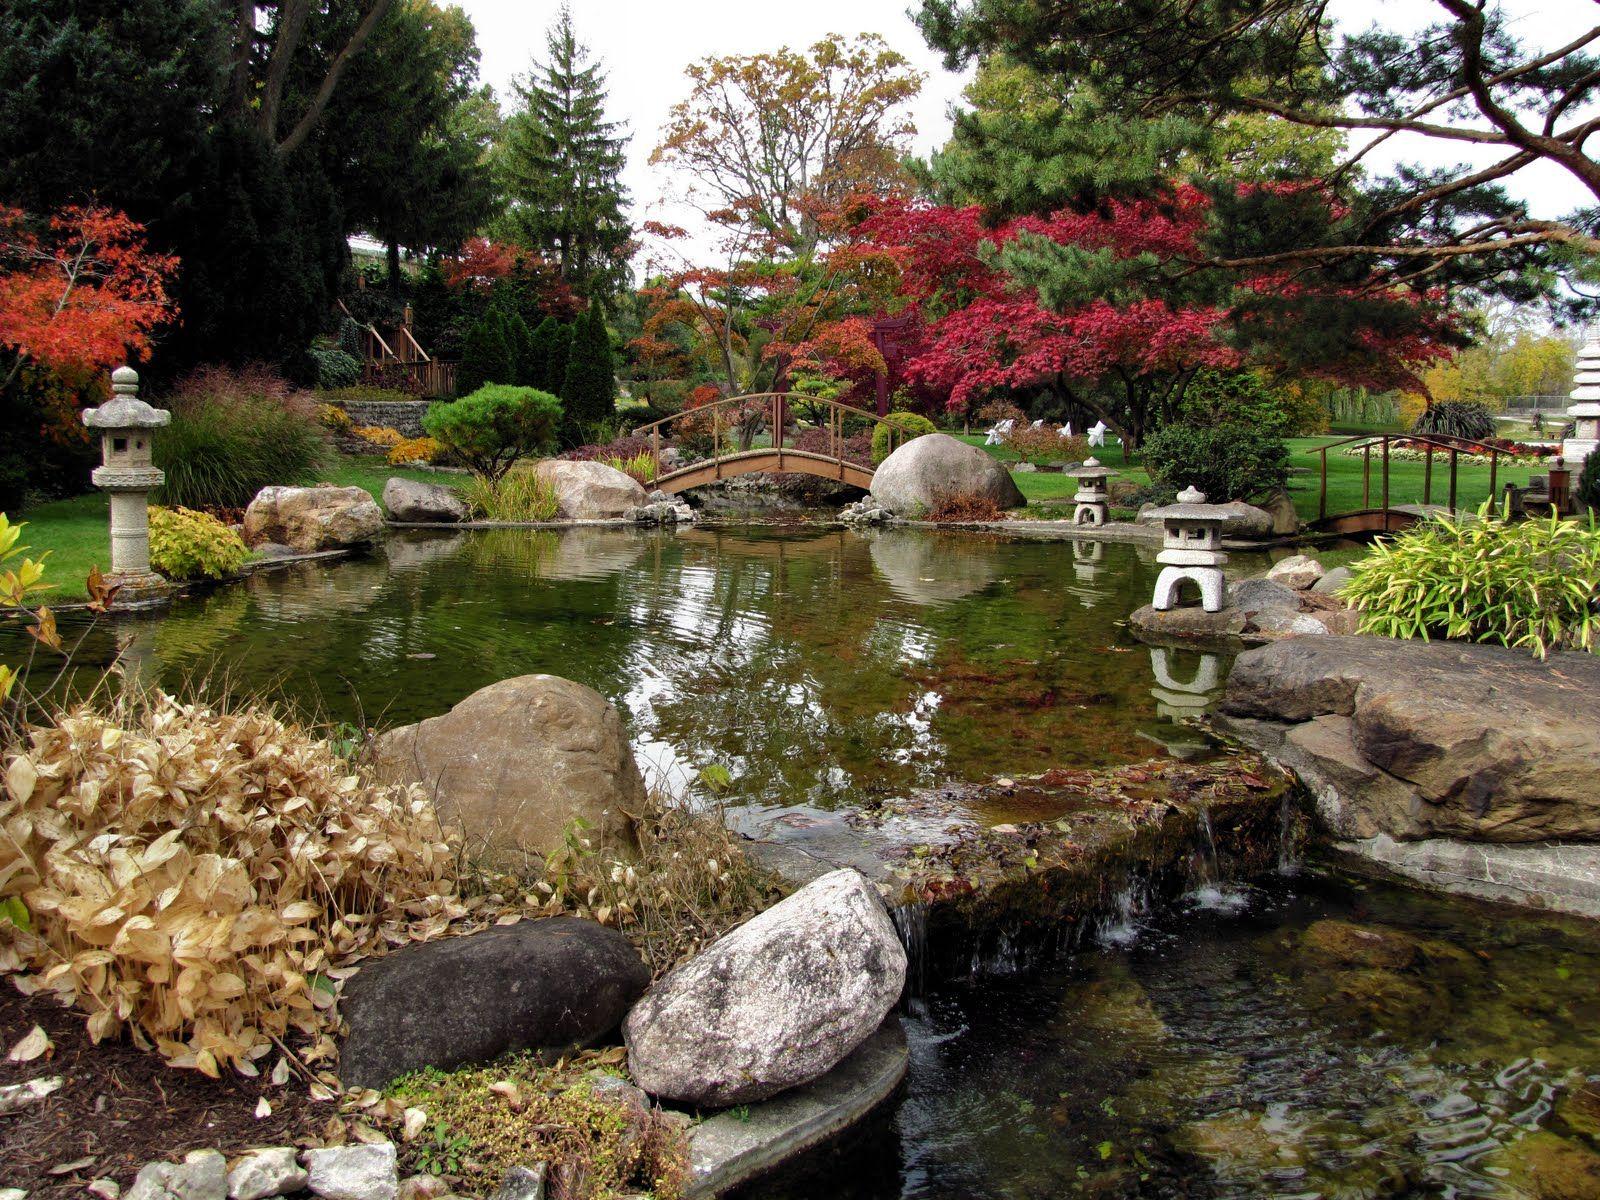 Water Garden Designs Pictures best 25 small backyard ponds ideas on pinterest Japanese Water Garden Japanesewatergardenautumn_4102jpg